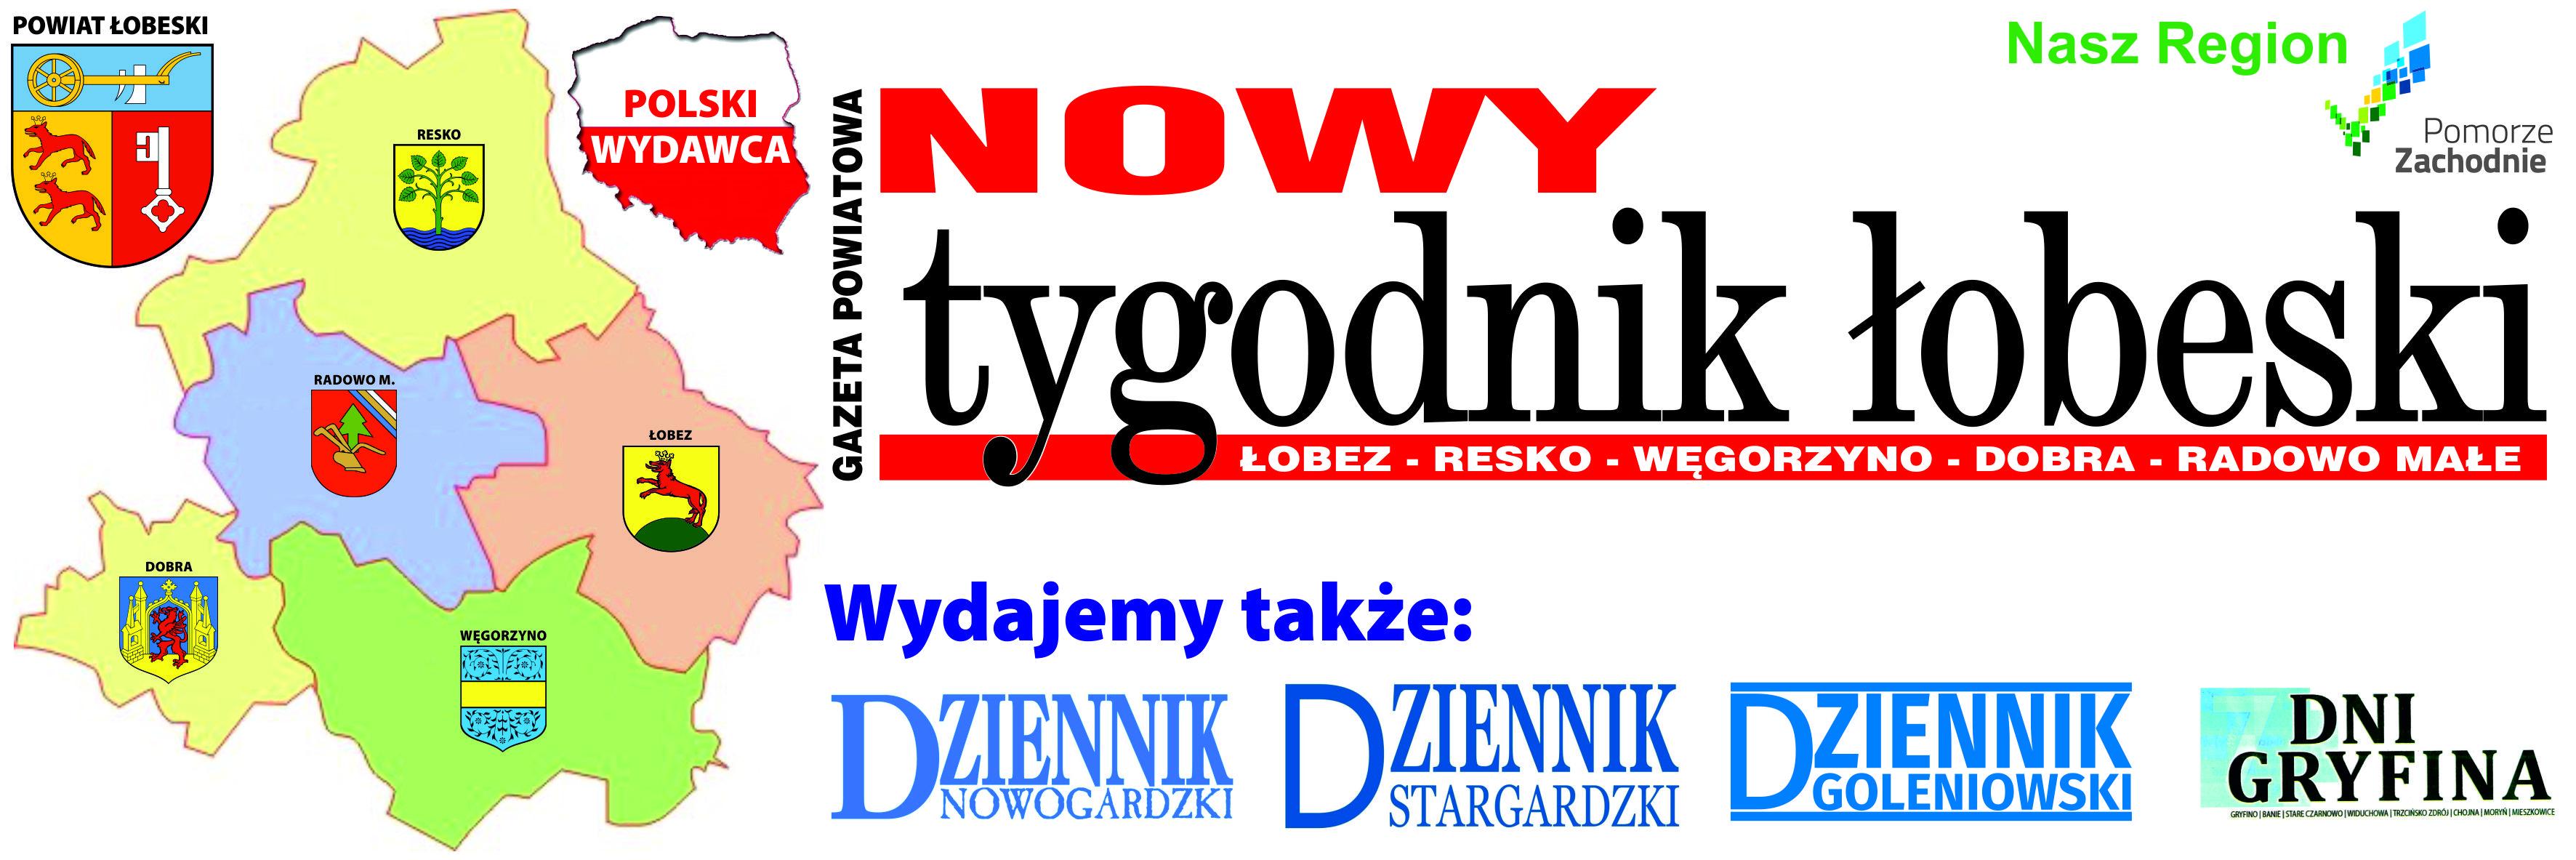 Nowy Tygodnik Łobeski